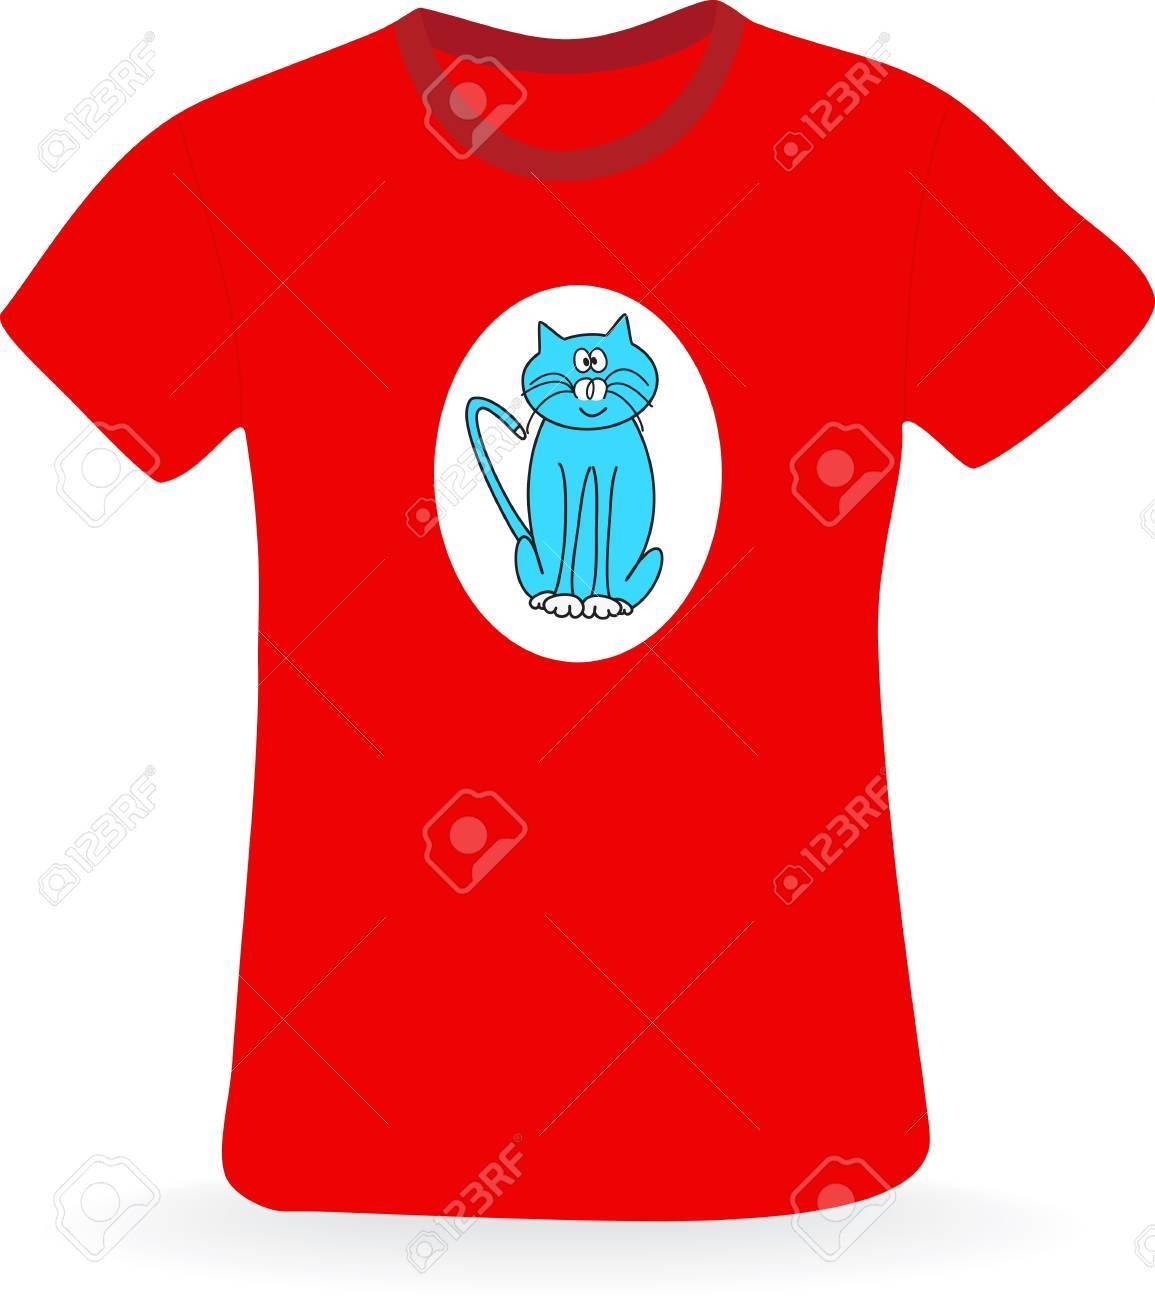 猫の T シャツベクトル図のイラスト素材ベクタ Image 18626948